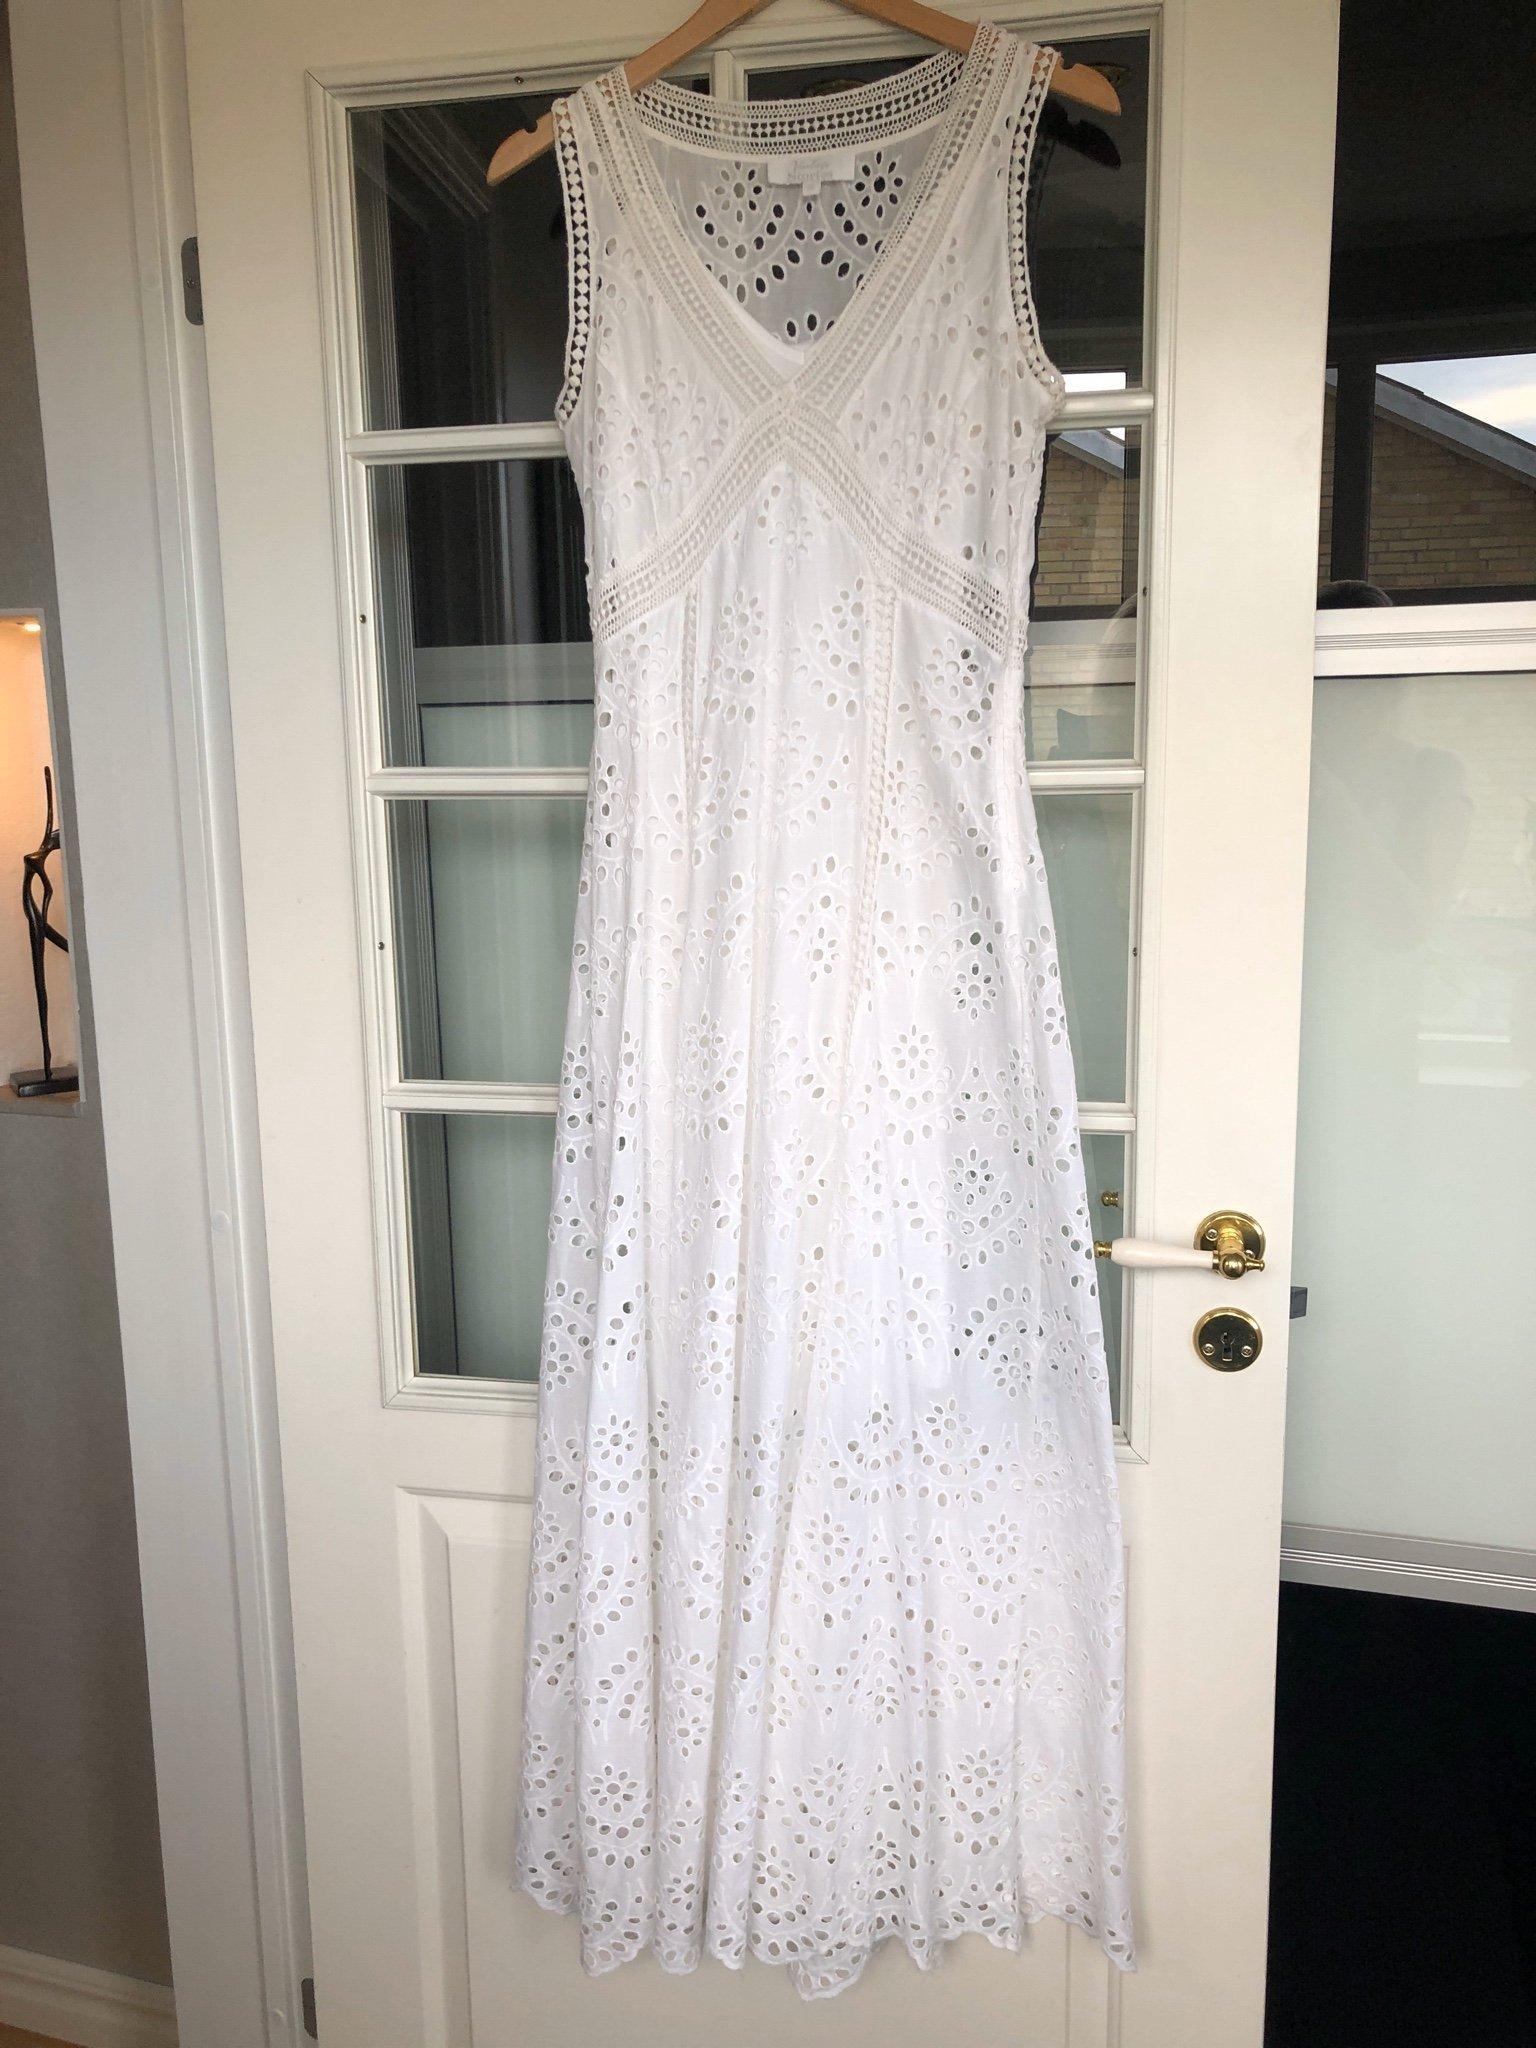 Vit romantisk klänning med brodyrspets . Kapp Ahl. Strl 36S, Student, Fest,